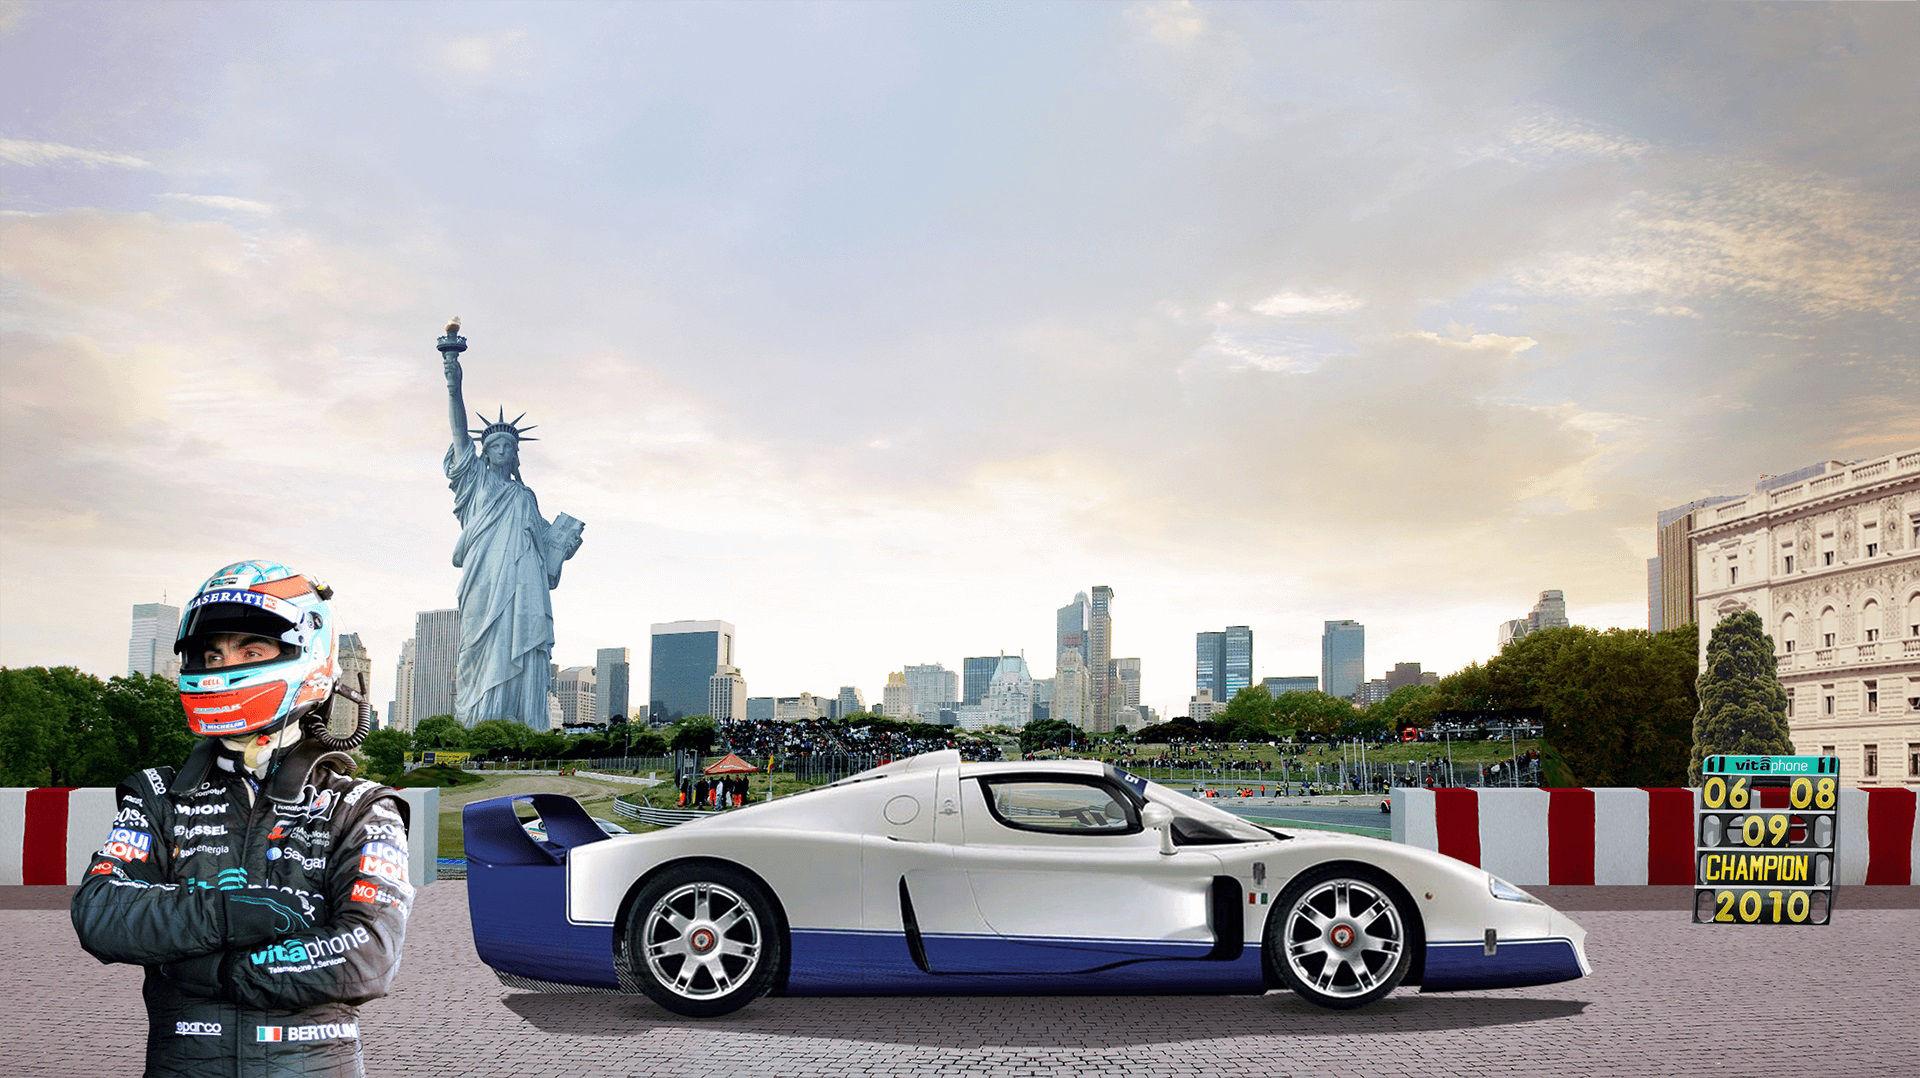 Storia di Maserati - 2000: Auto da corsa Maserati a New York